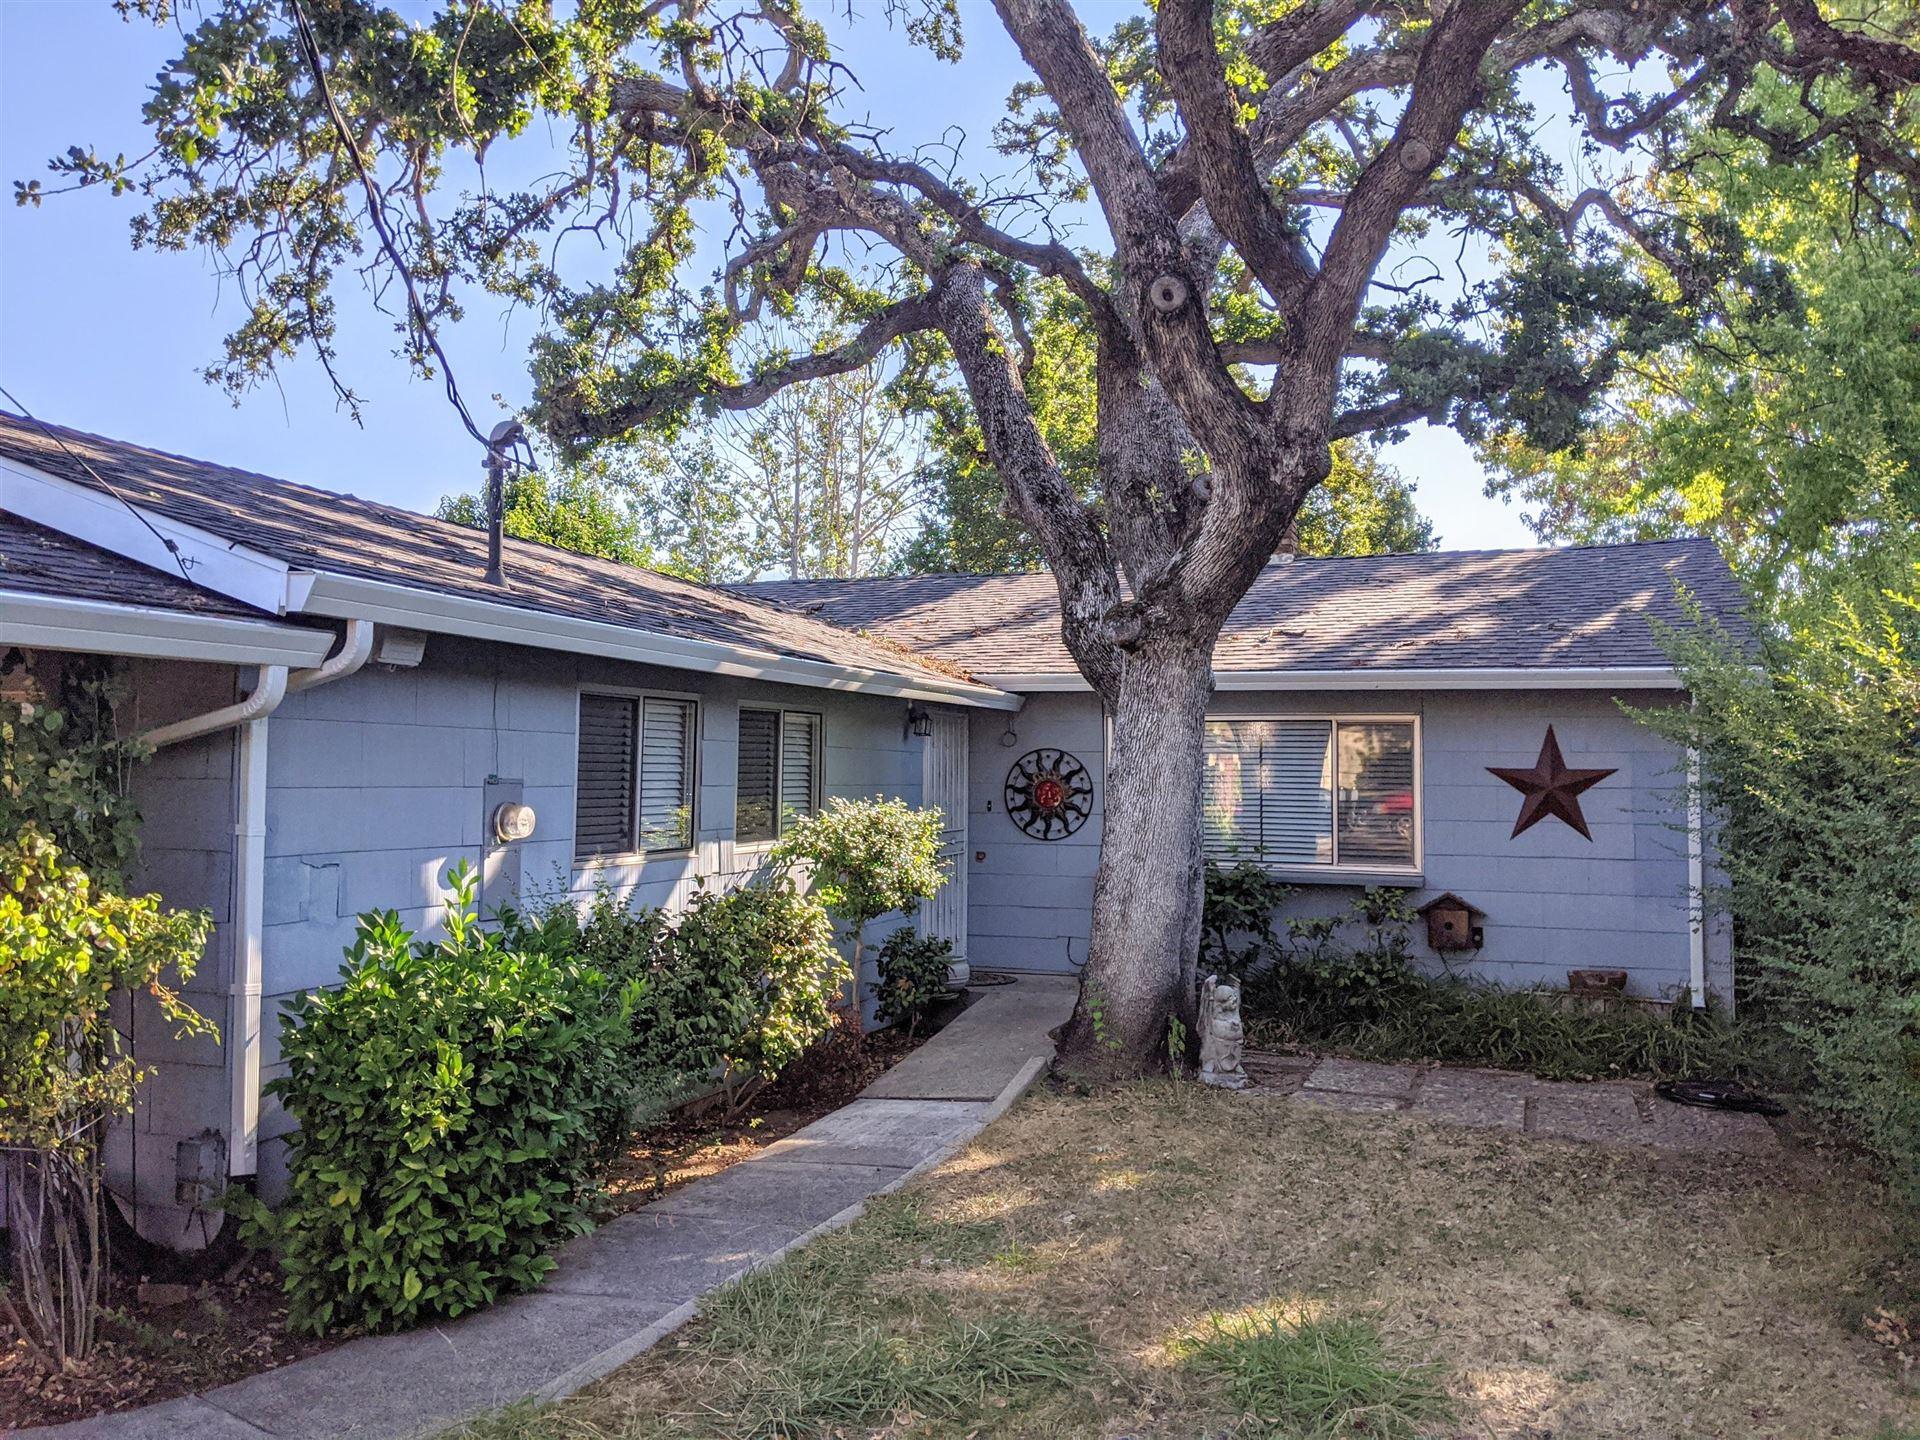 1545 Oak St, Redding, CA 96001 - MLS#: 20-3764